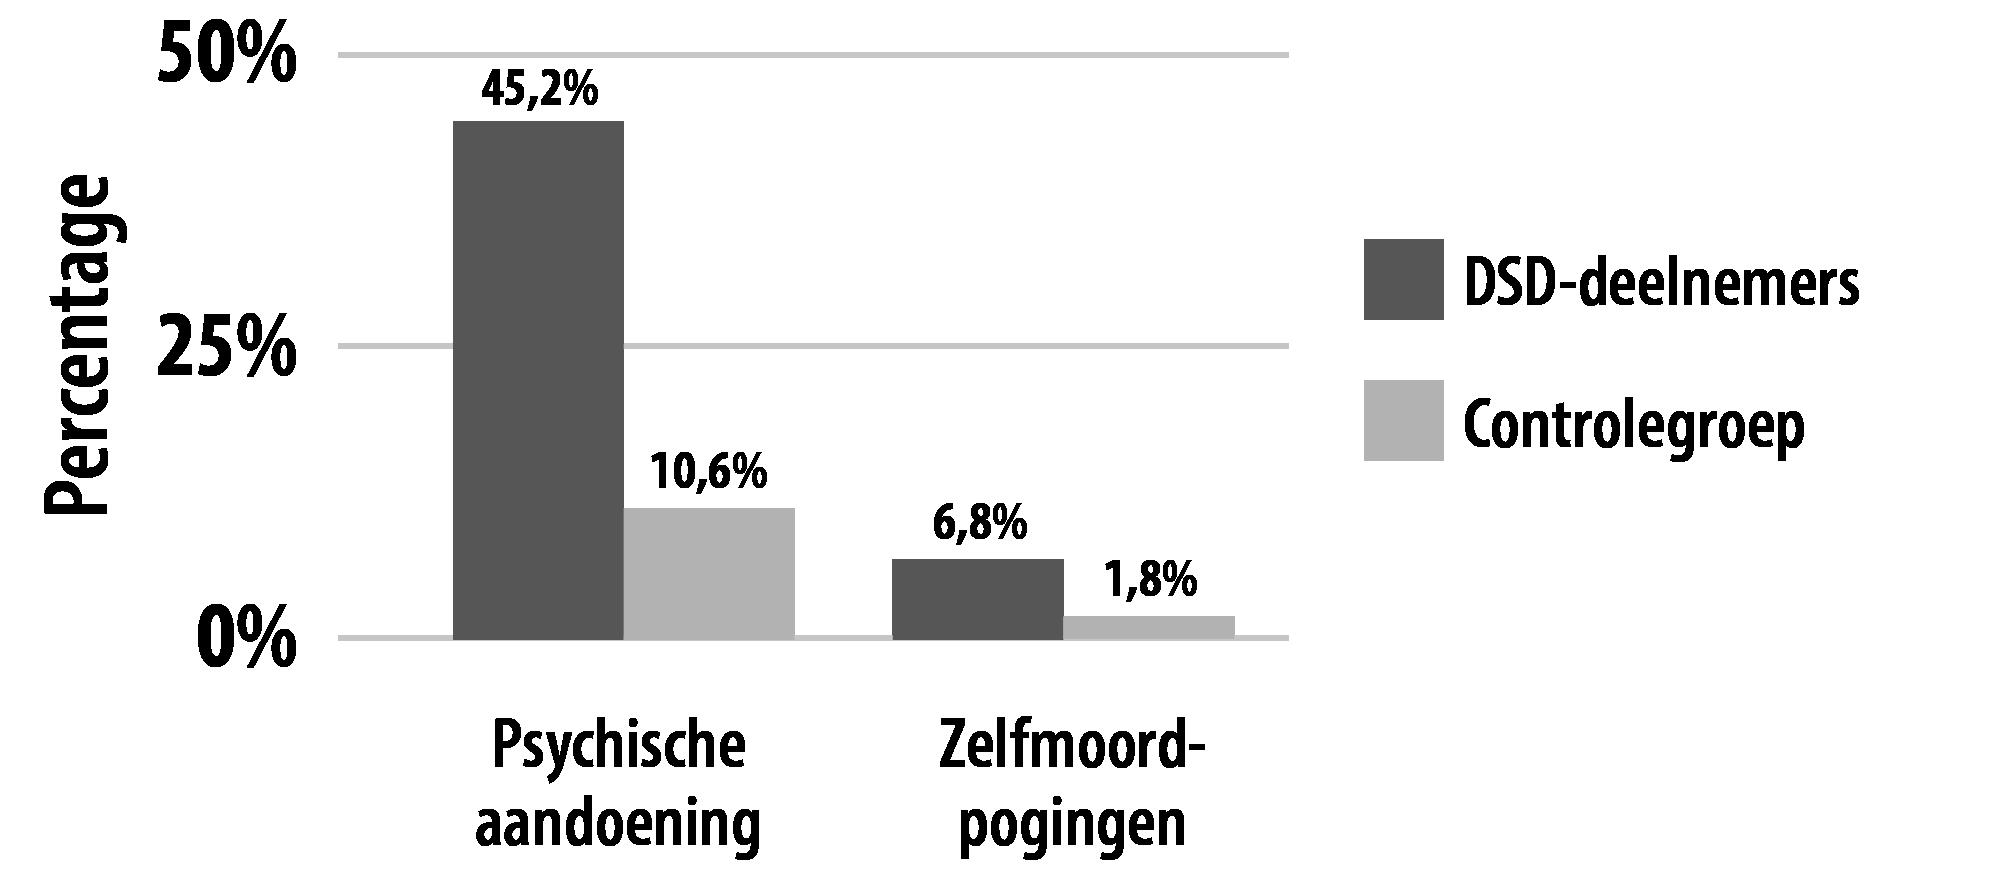 Verhouding psychische klachten en zelfmoordpogingen onder deelnemers aan een DSD-onderzoek en de rest van de bevolking.